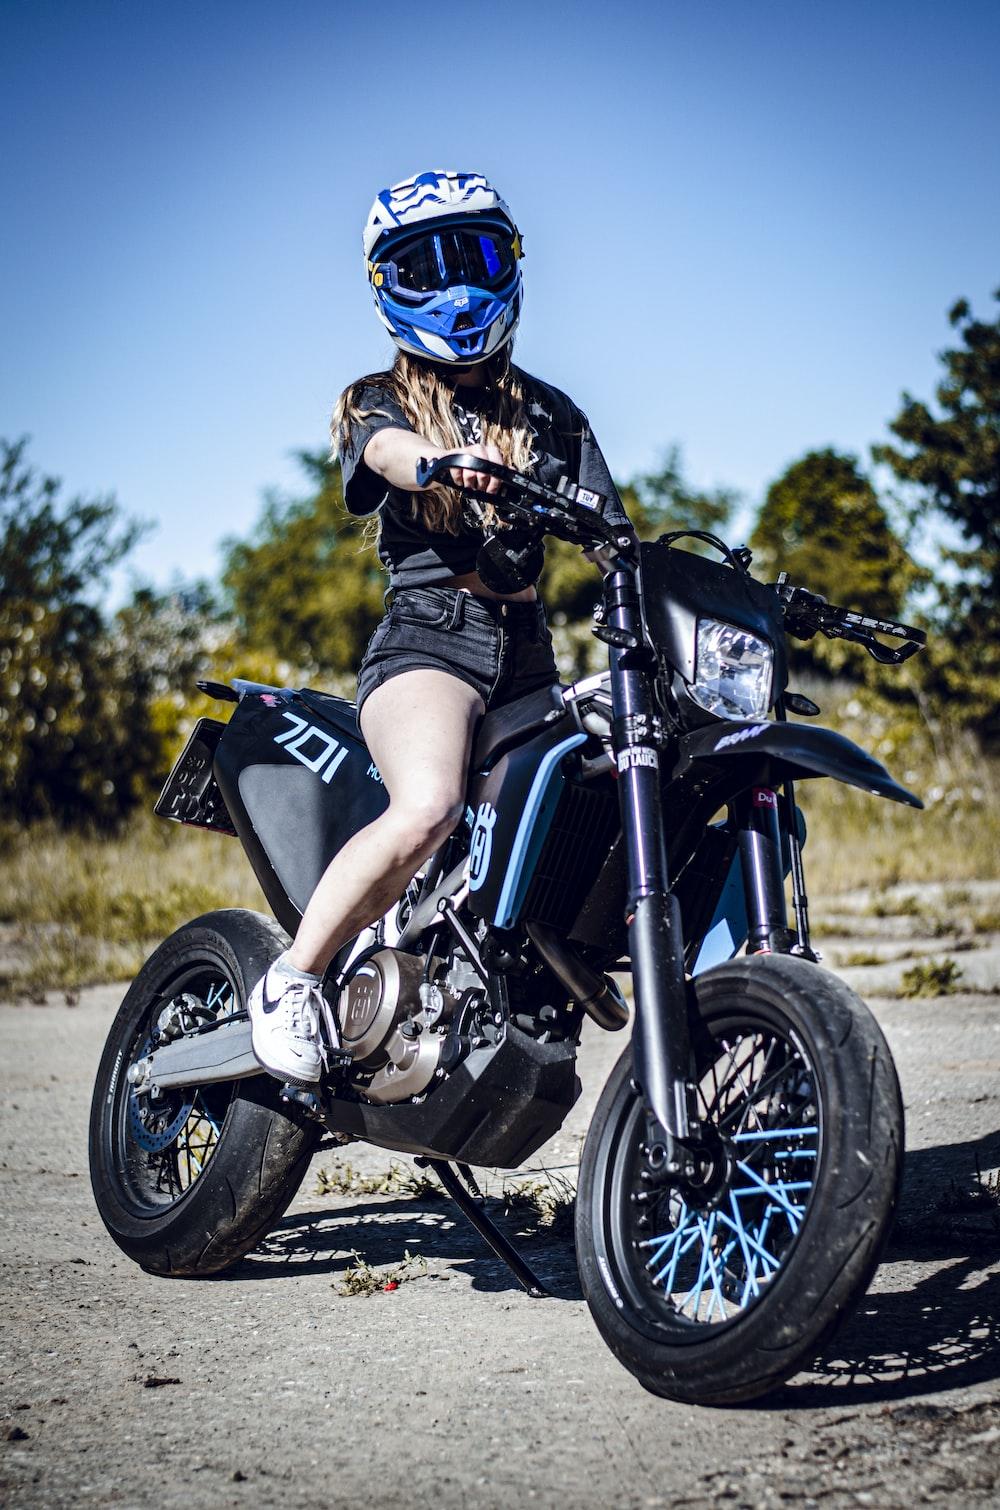 man in blue helmet riding black motorcycle